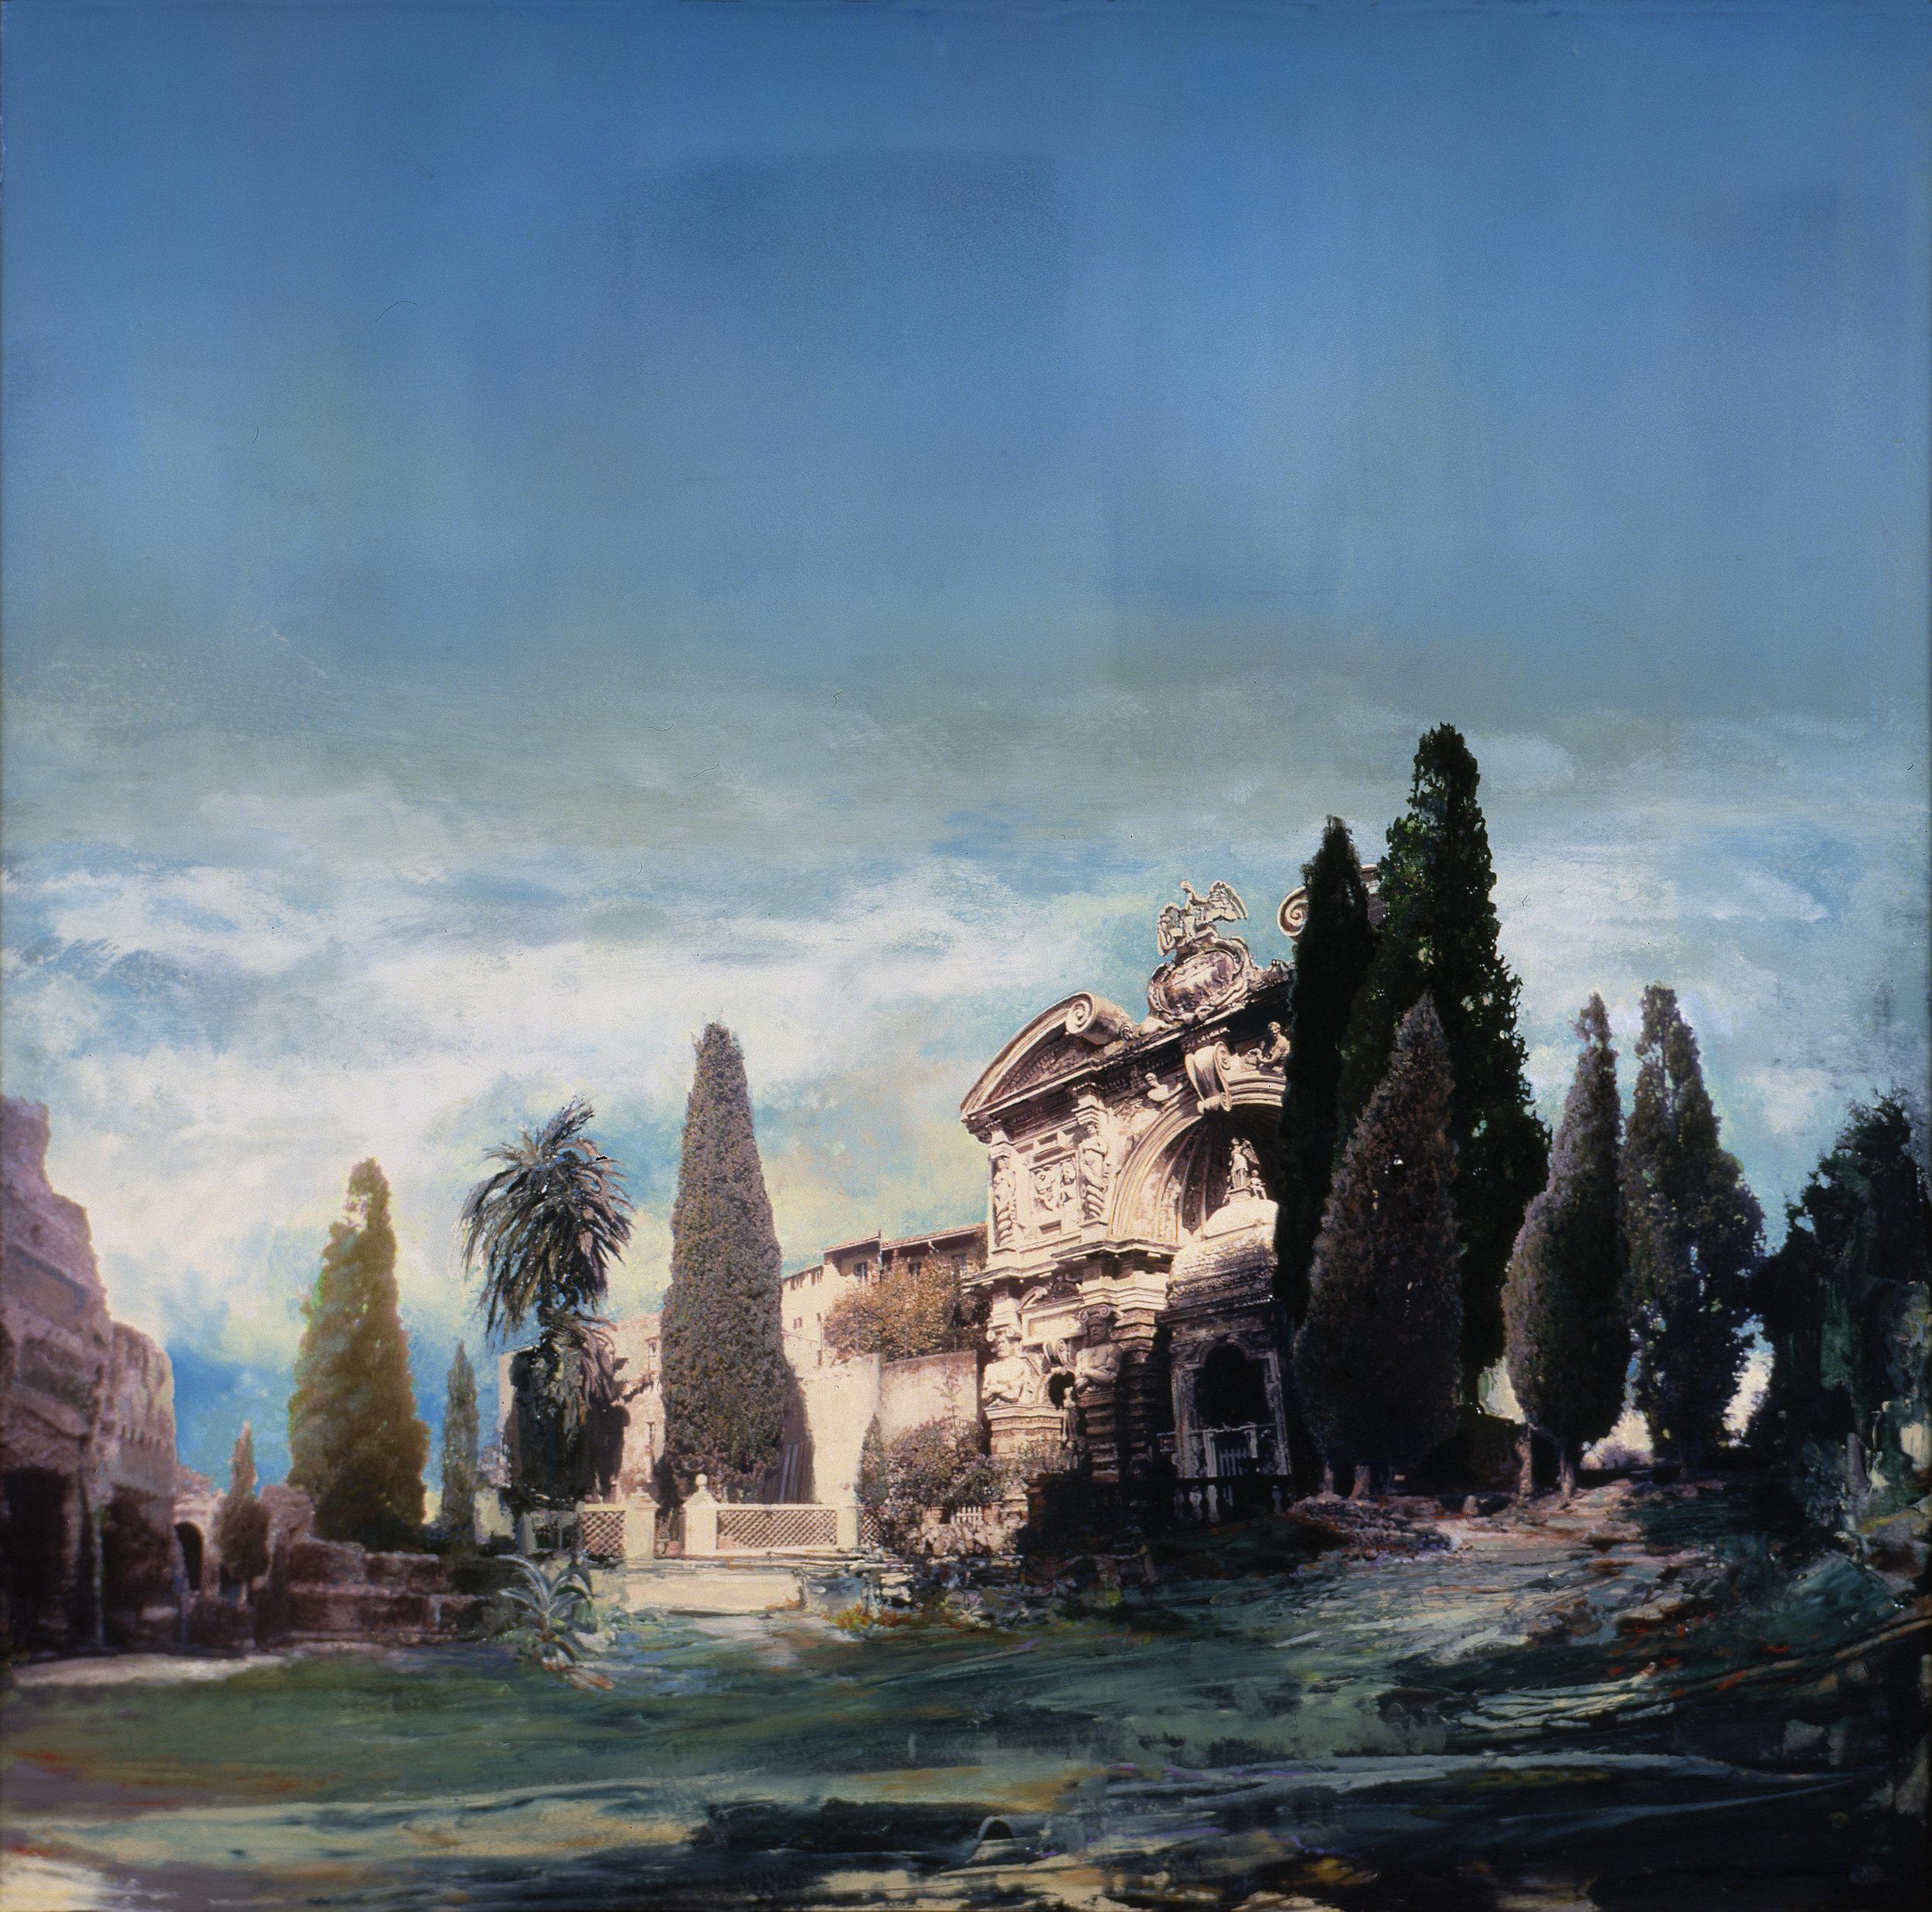 Italy's Past